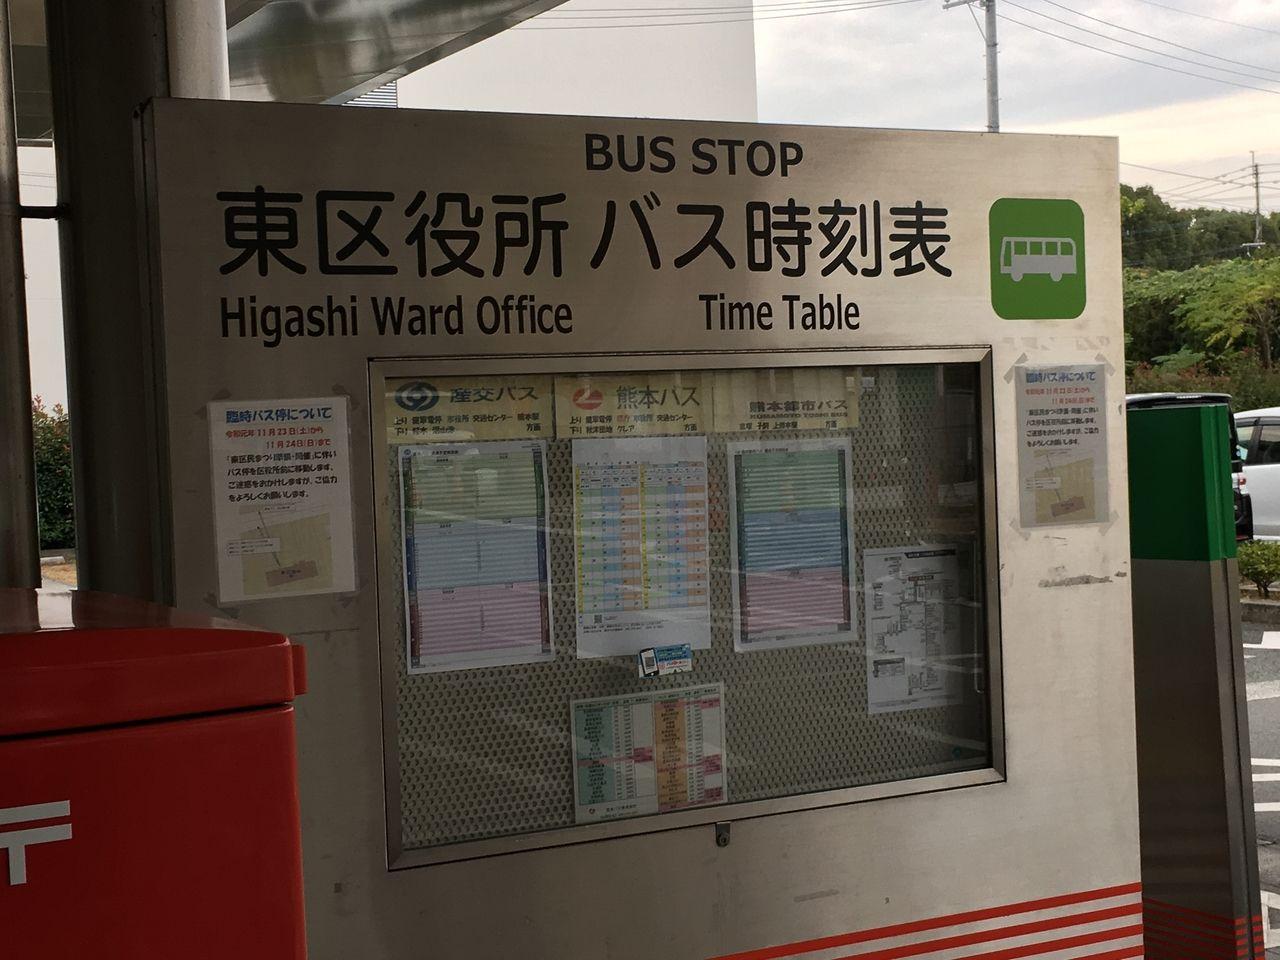 区役所玄関にあるバス停の時刻表